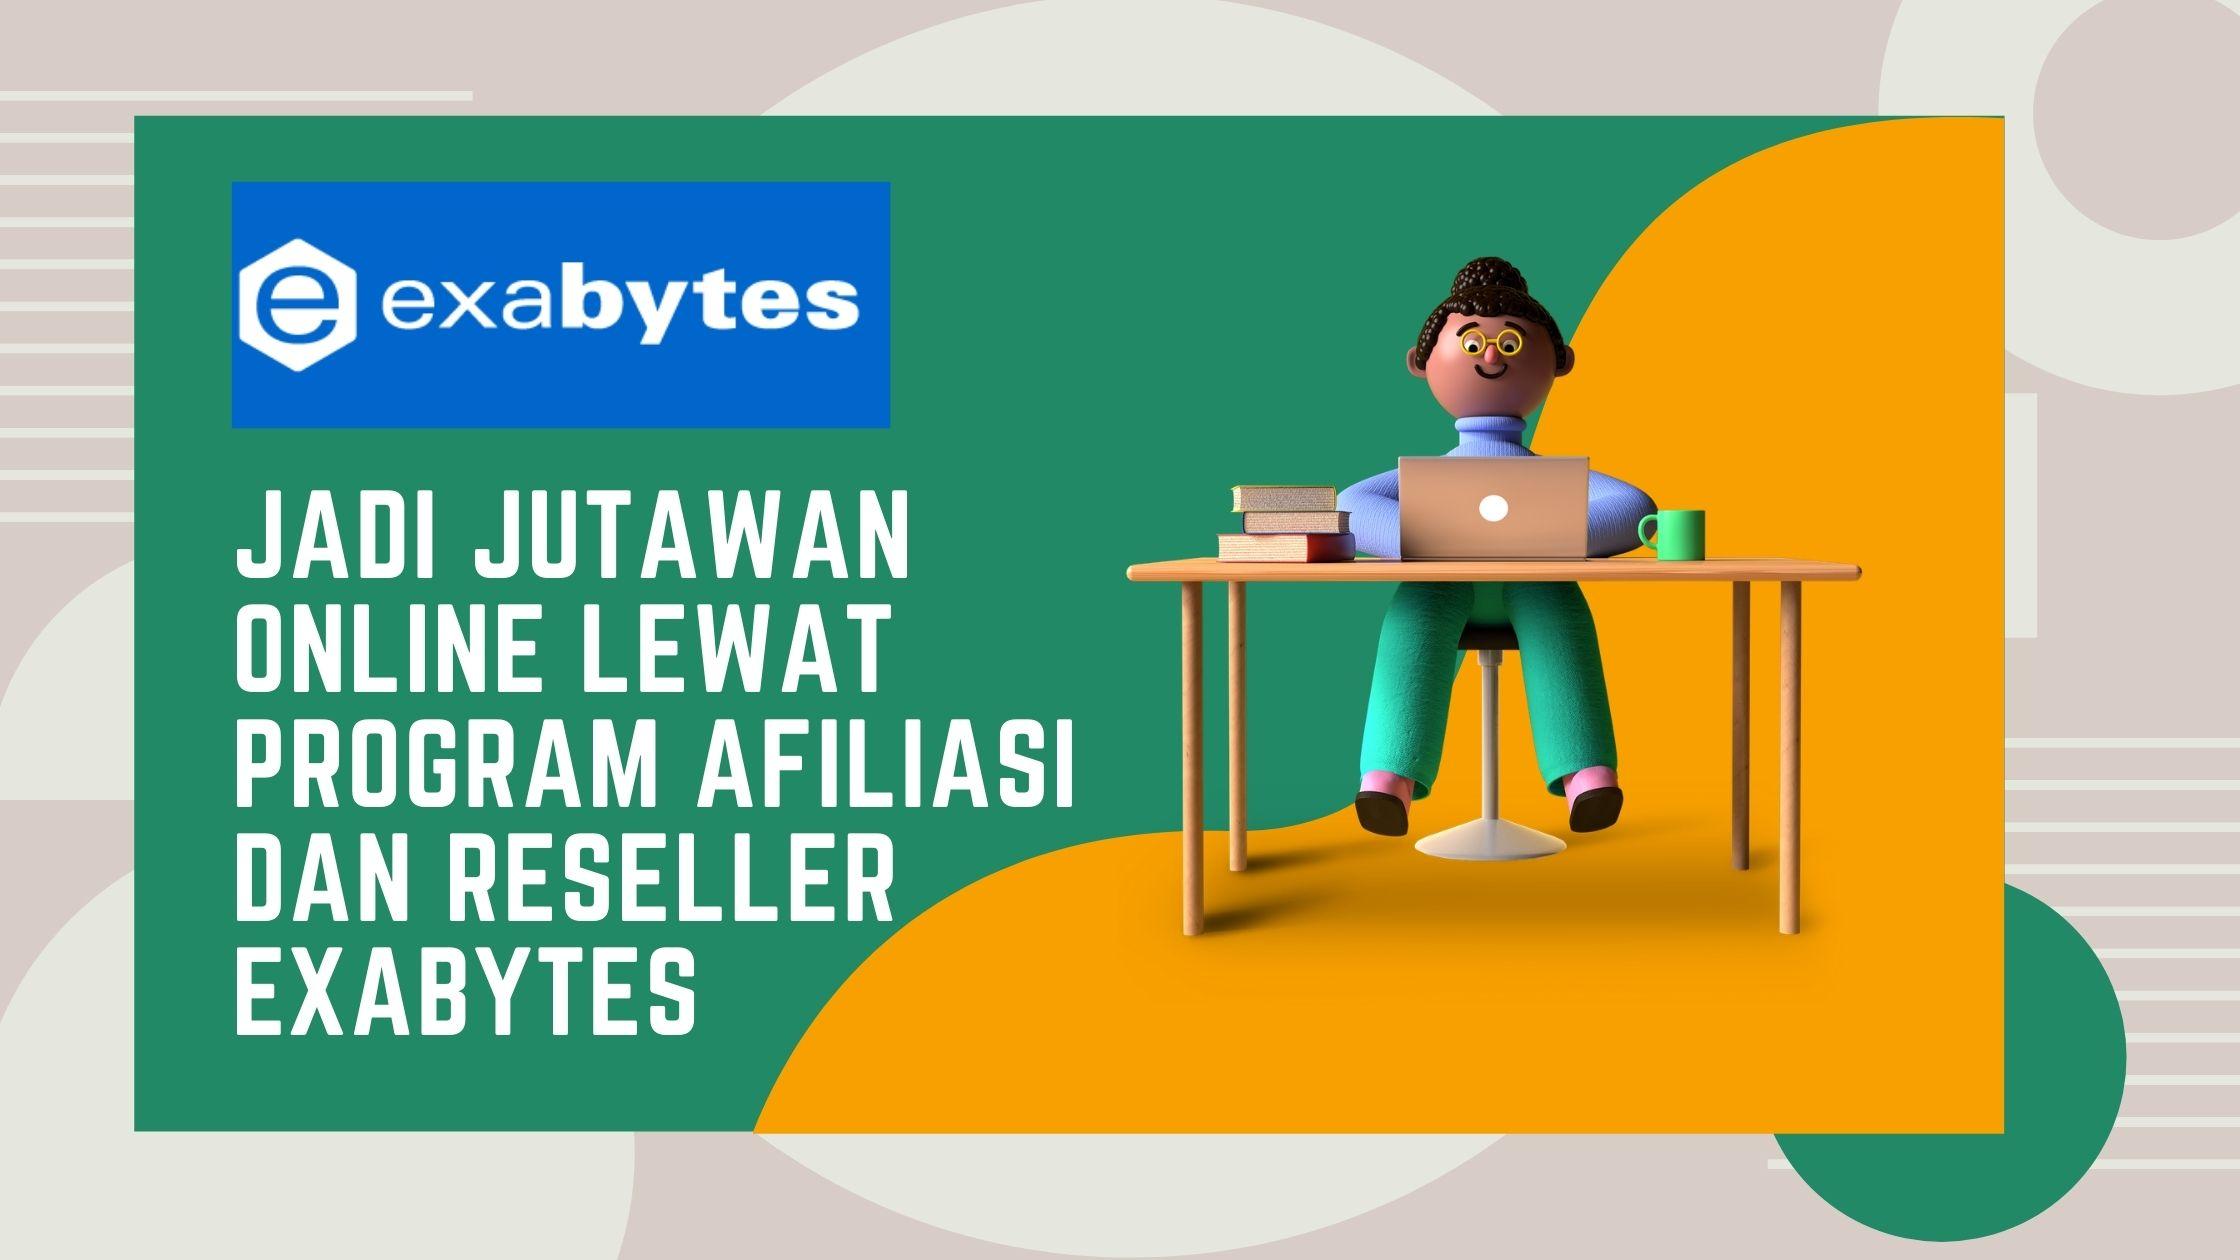 Program Afiliasi dan Reseller Exabytes